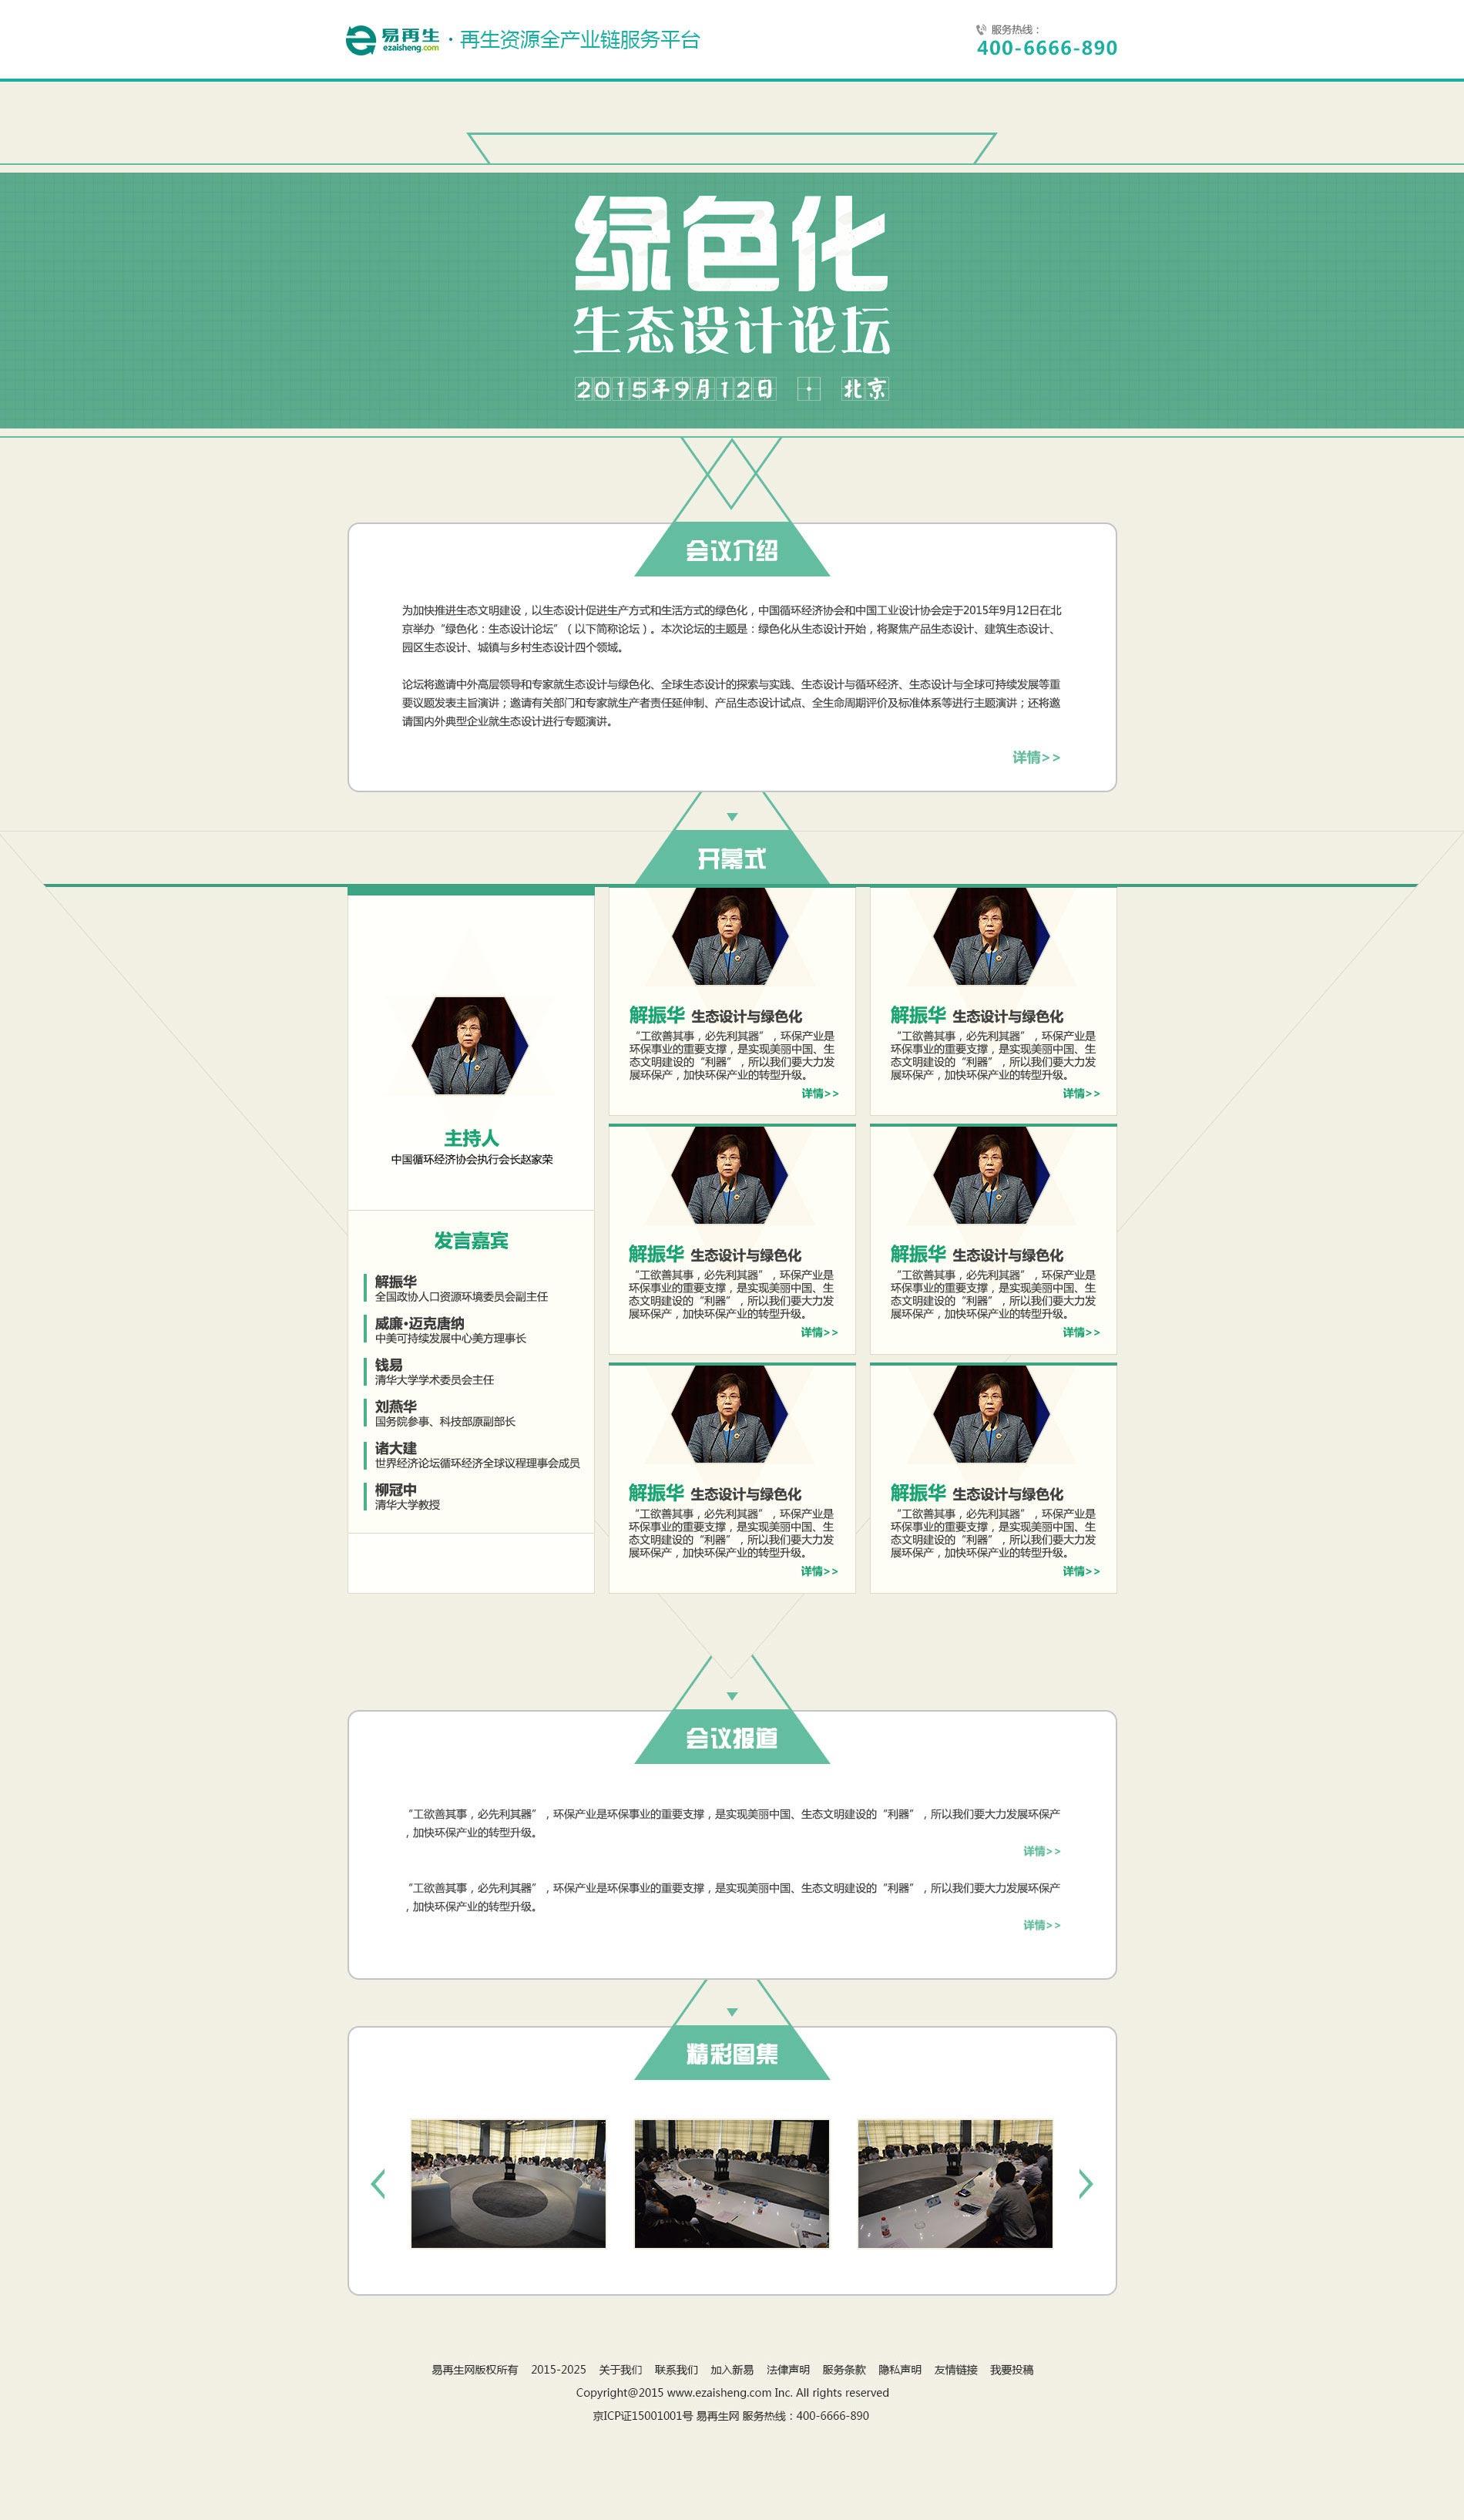 網站專題頁面設計